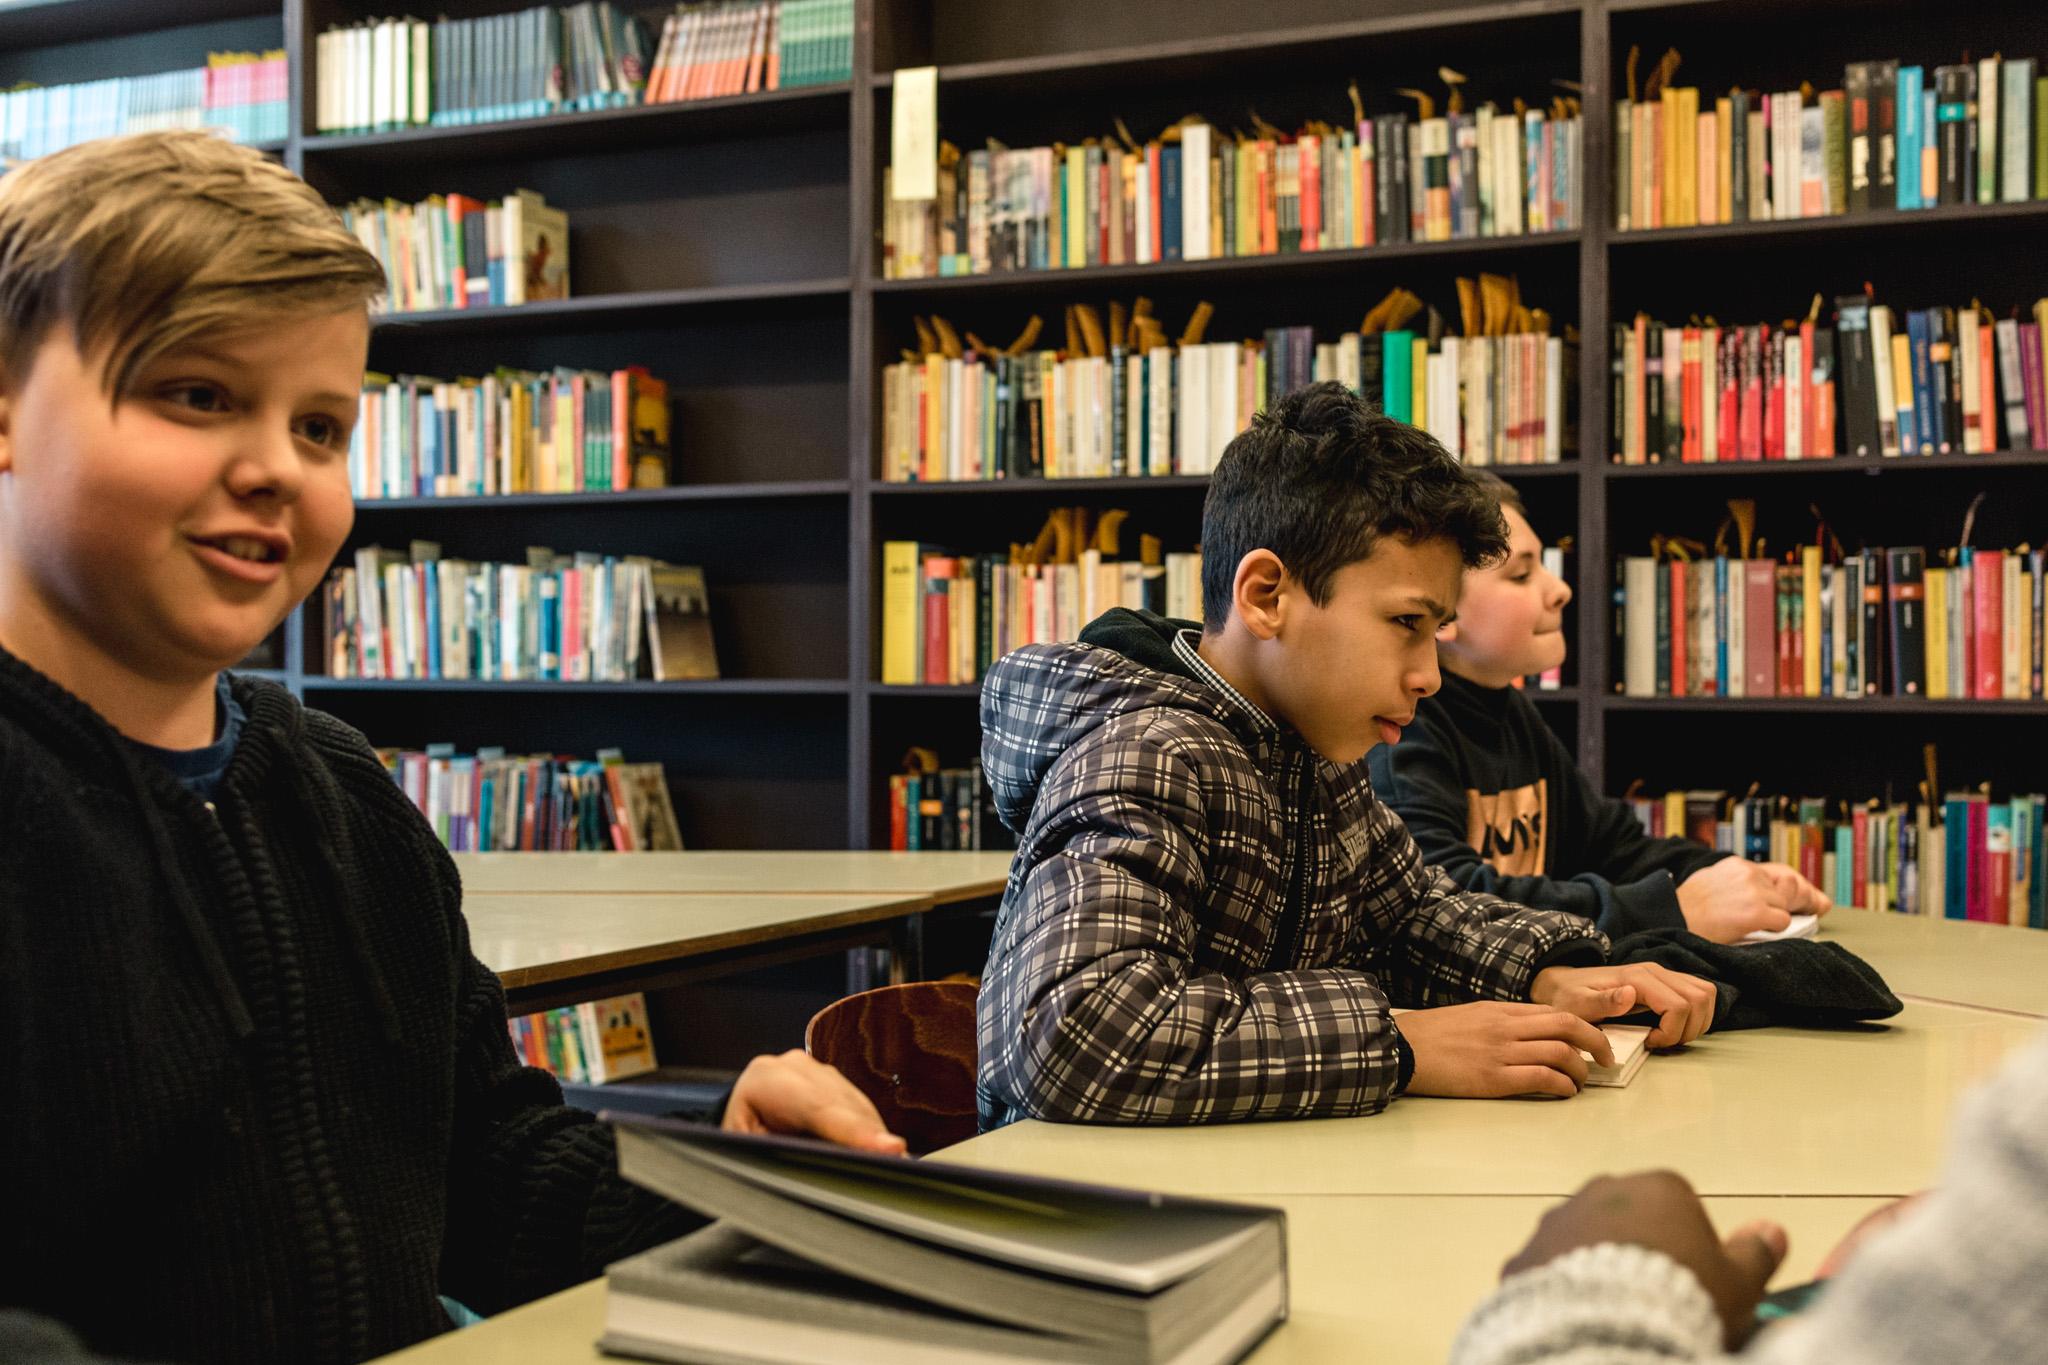 Leerlingen praten over boeken in hun schoolbib